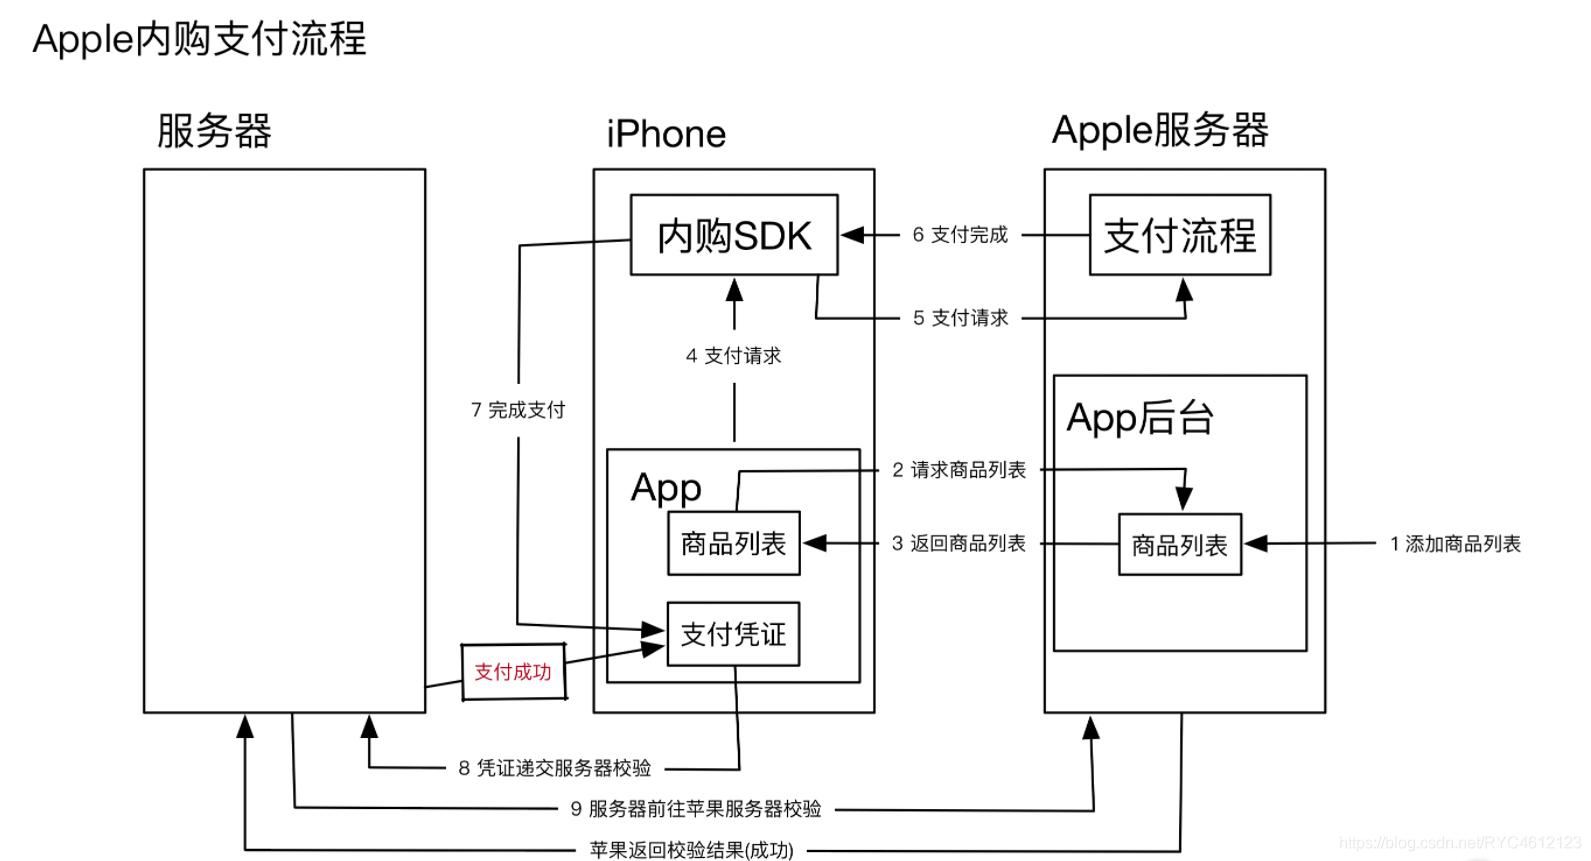 苹果支付流程图